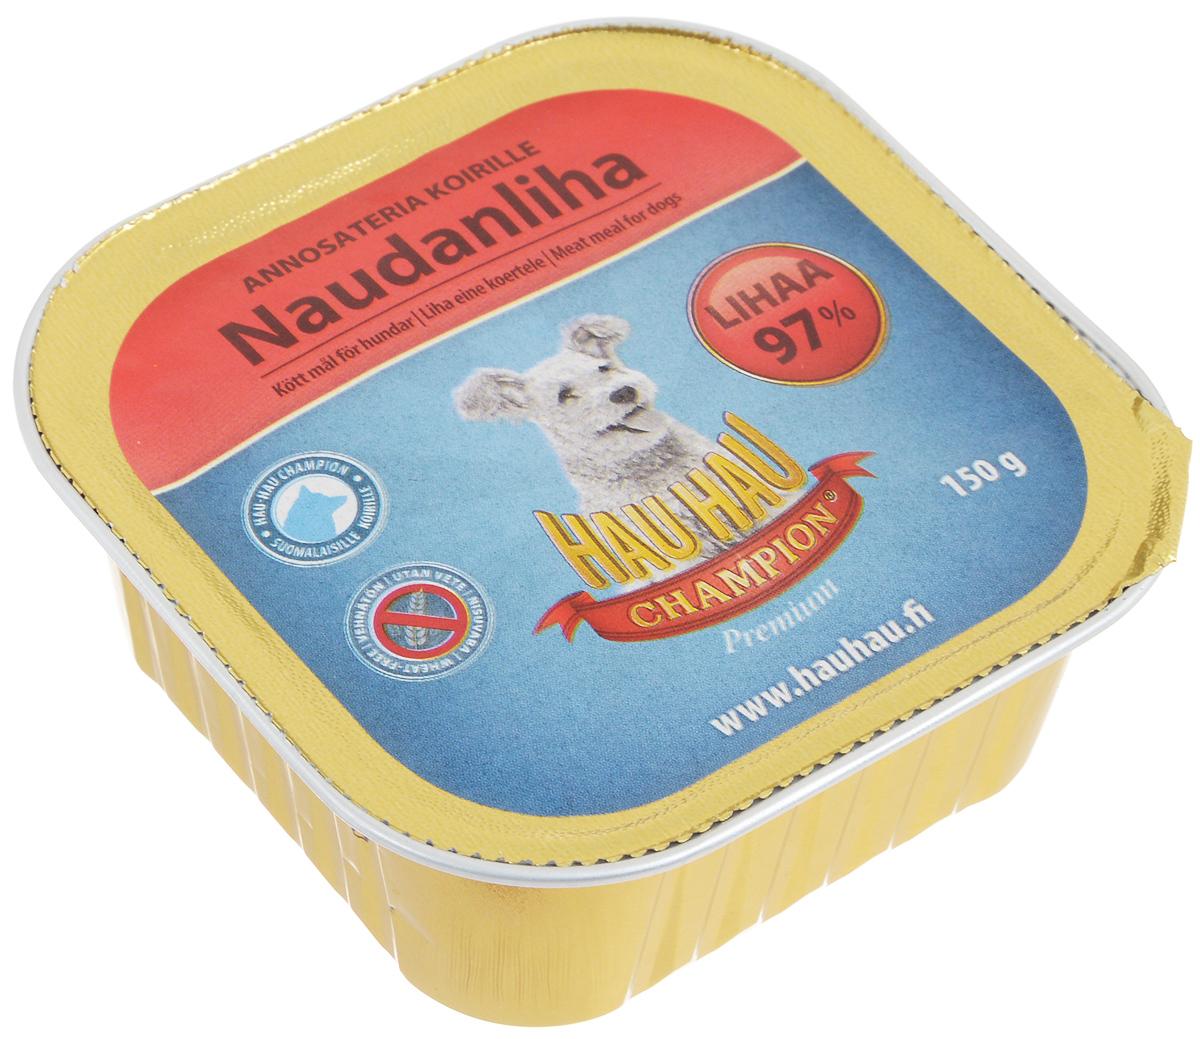 Консервы Hau-Hau Champion для собак, с говядиной, 150 г81203Консервы Hau-Hau Champion - это полноценный корм для собак любого возраста. Не содержит сои, пшеницы, пищевых добавок и красителей. Благодаря большому содержанию мяса продукт легко усваивается. Консервы можно давать собаке отдельно, так как они содержат все необходимые питательные вещества, или же смешивать с сухим кормом, чтобы сделать его еще более вкусным.Состав: мясо и продукты животного происхождения 97% (20% говядина), кукуруза, витамины и минералы.Питательная ценность: влажность 80%, белок 9%, масла и жиры 6%, пепел 3%, клетчатка 0,5%.Витамины и минералы: витамин А 3000 МЕ, витамин D3 300 МЕ, цинк 16 мг, железо 6,5 мг, медь 0,1 мг.Товар сертифицирован.